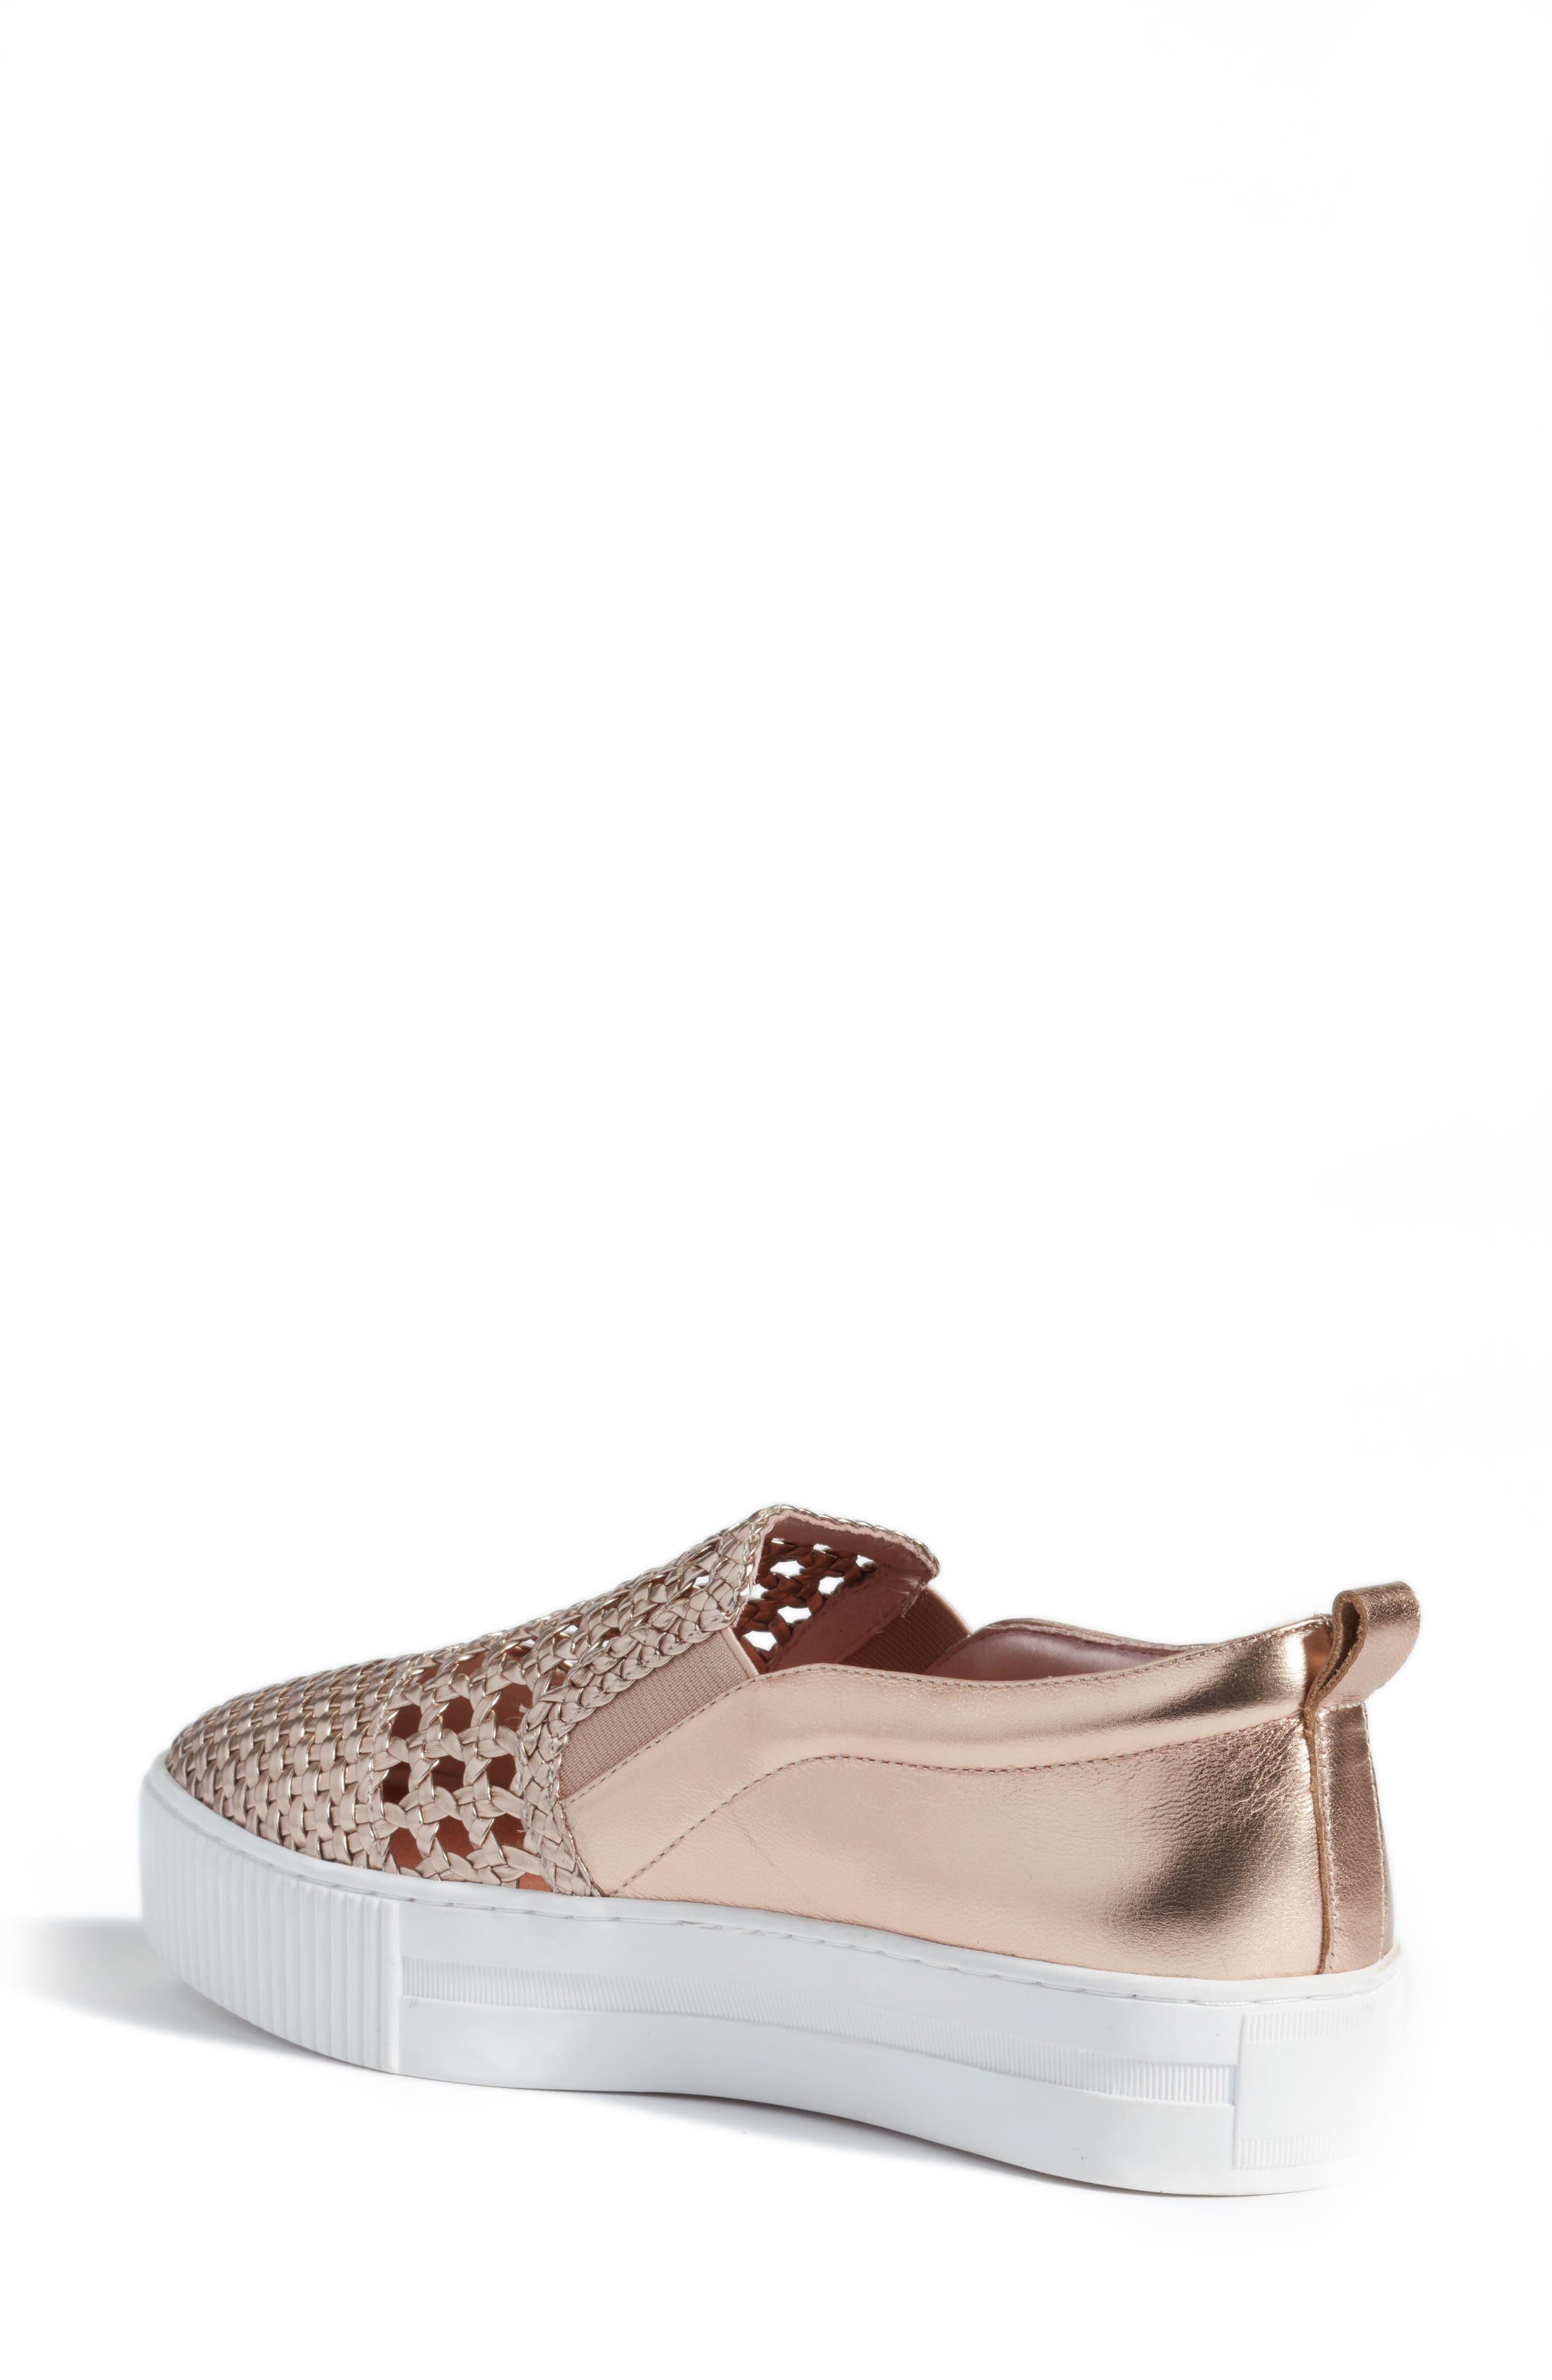 Baylee Slip-On Sneaker,                             Alternate thumbnail 2, color,                             715